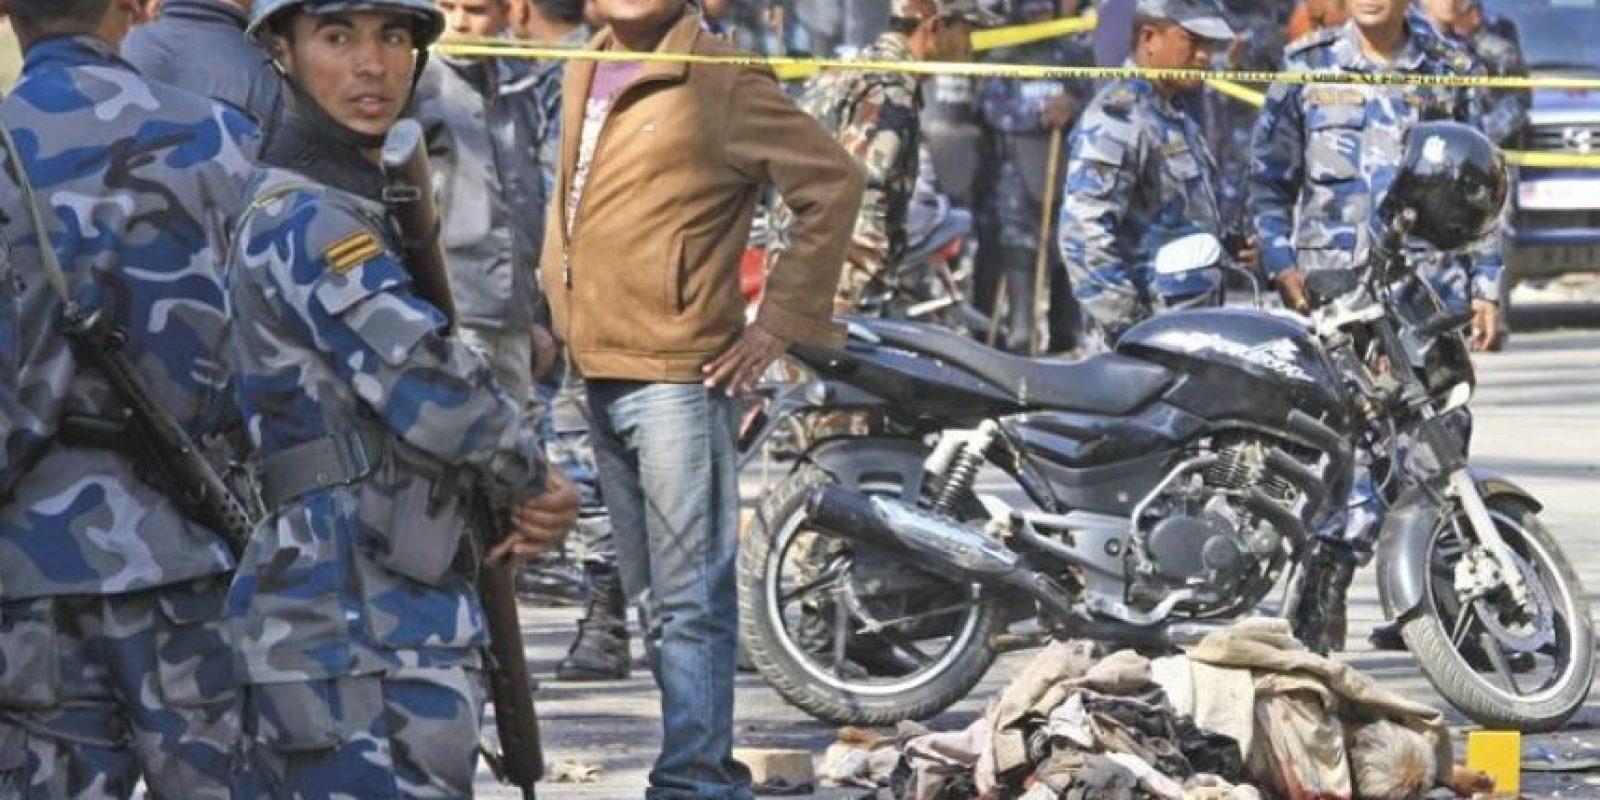 Efectivos de la policía examinan el cadáver de una víctima de un atentado ante las oficinas de la compañía petrolífera Nepal Oil Corporation en Katmandú, Nepal, el lunes 27 de febrero de 2012. EFE